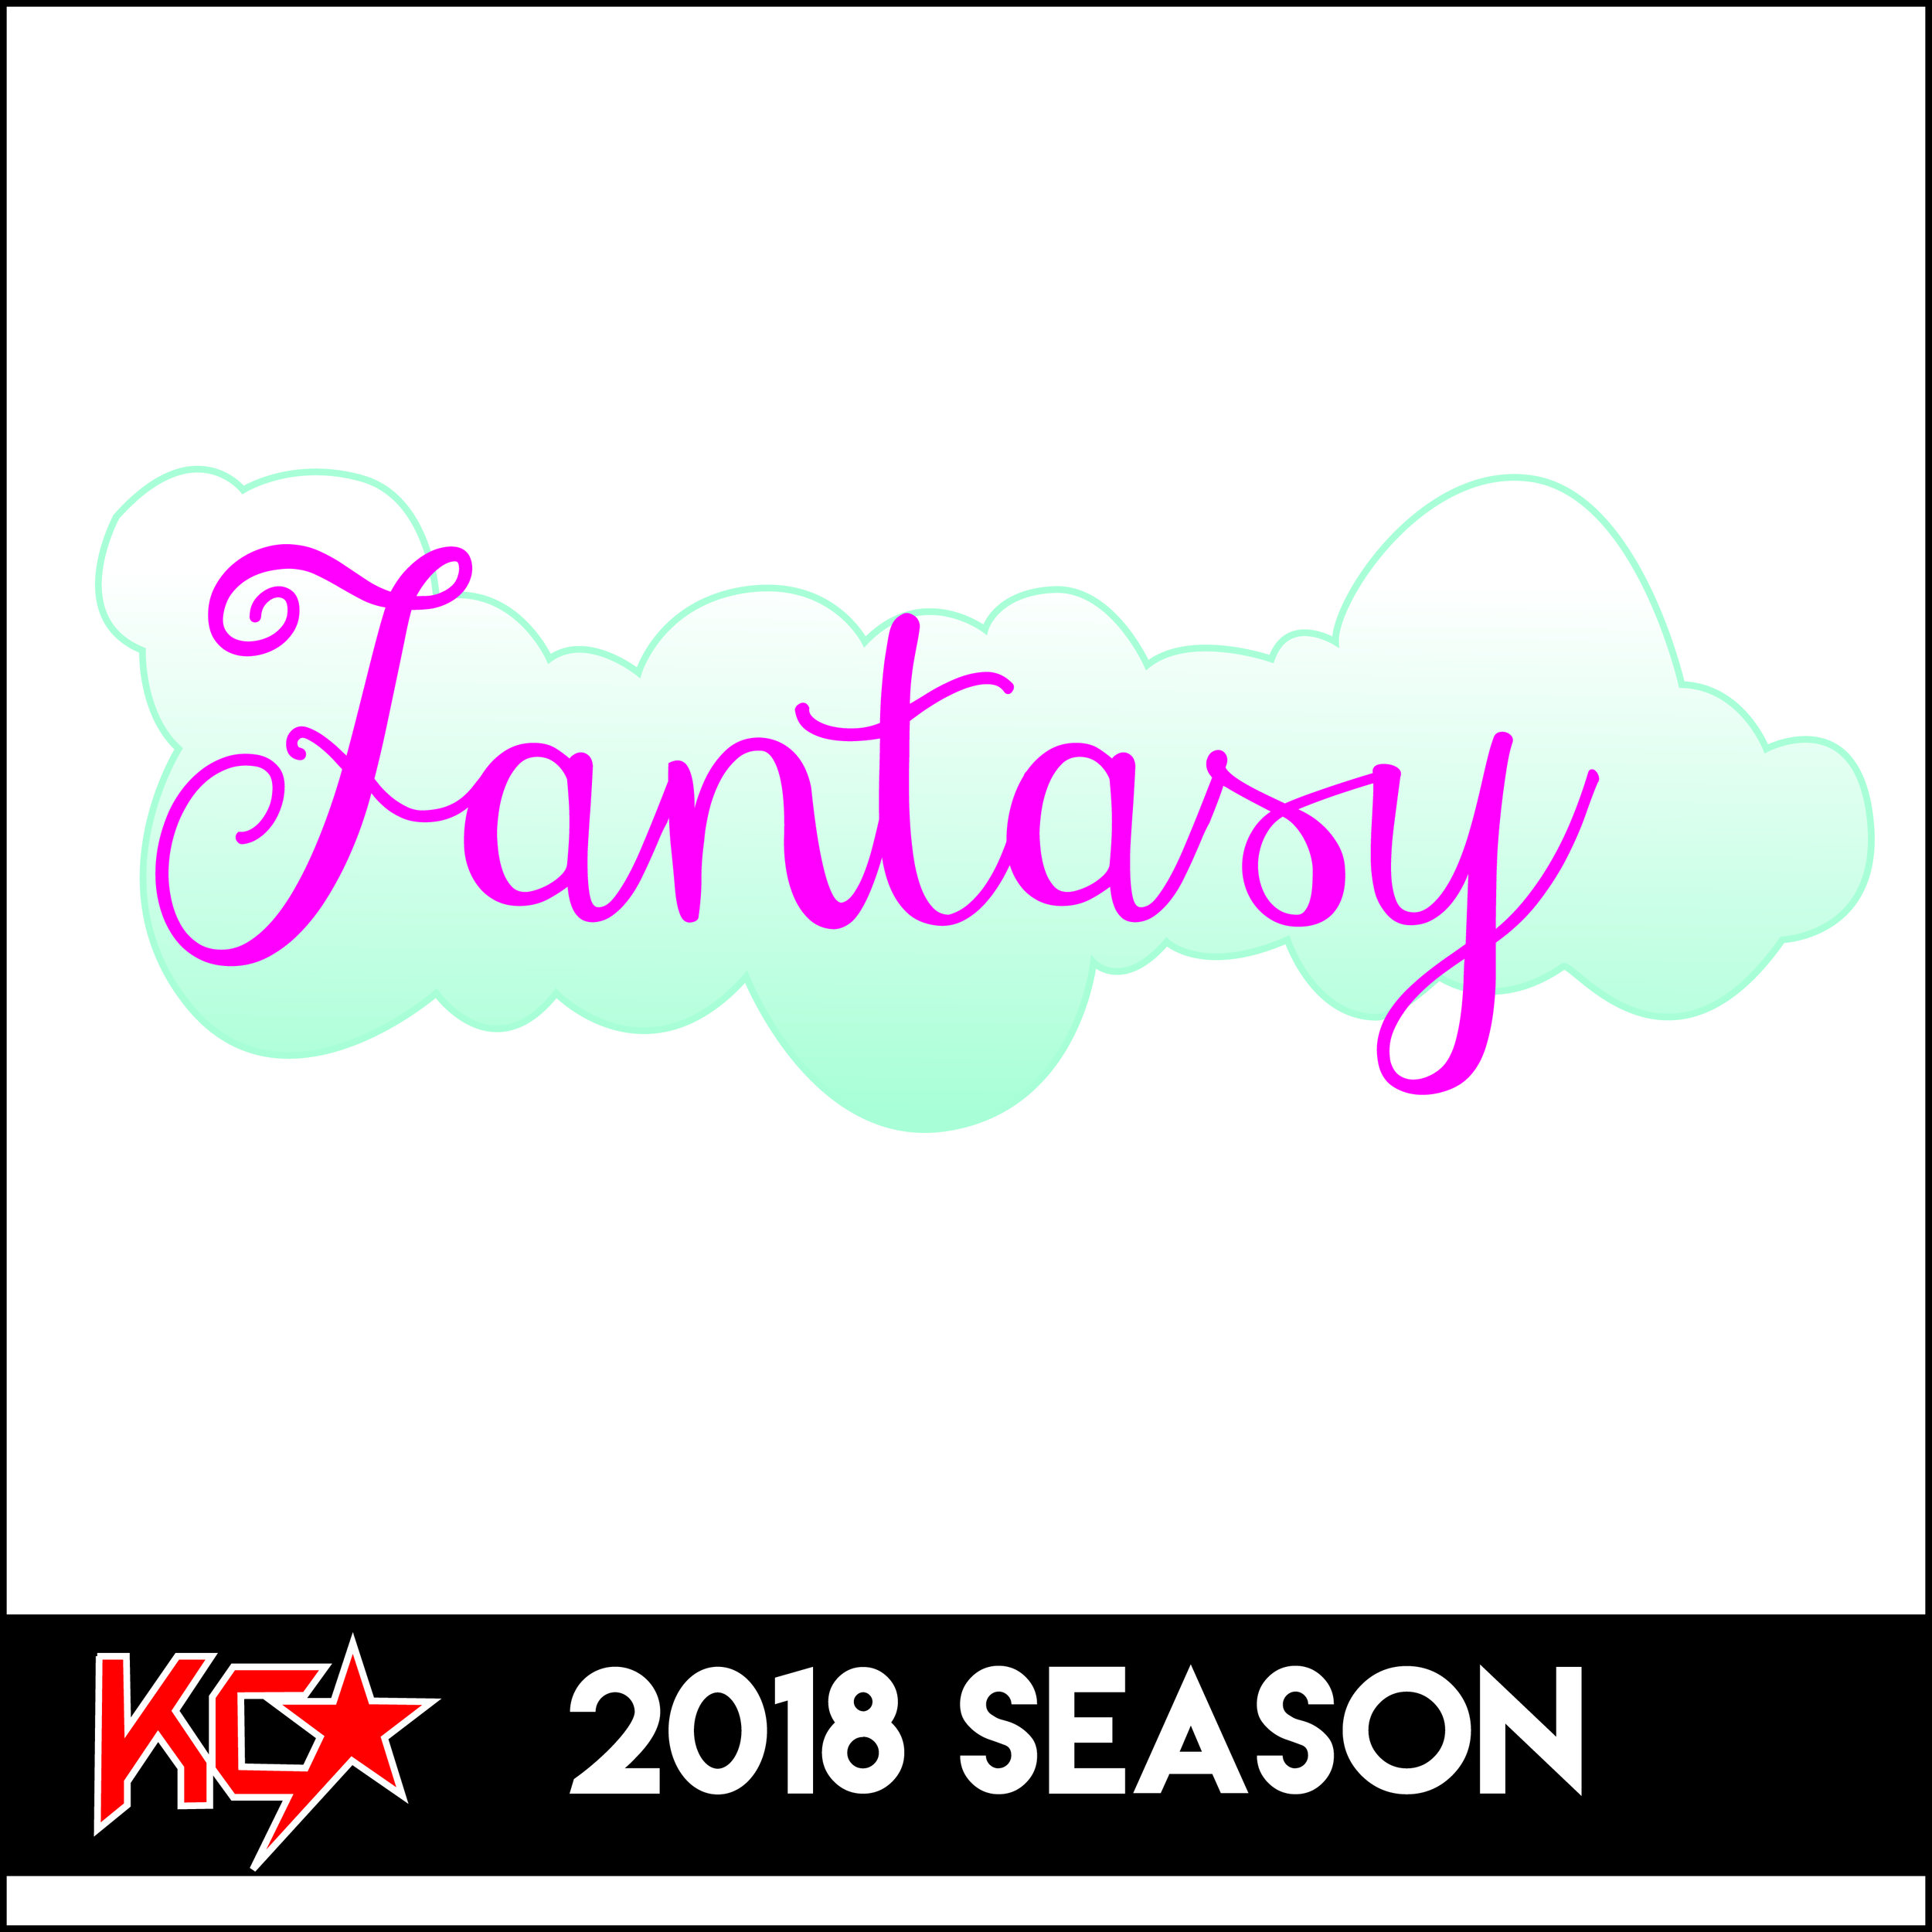 09 fantasy-01.jpg